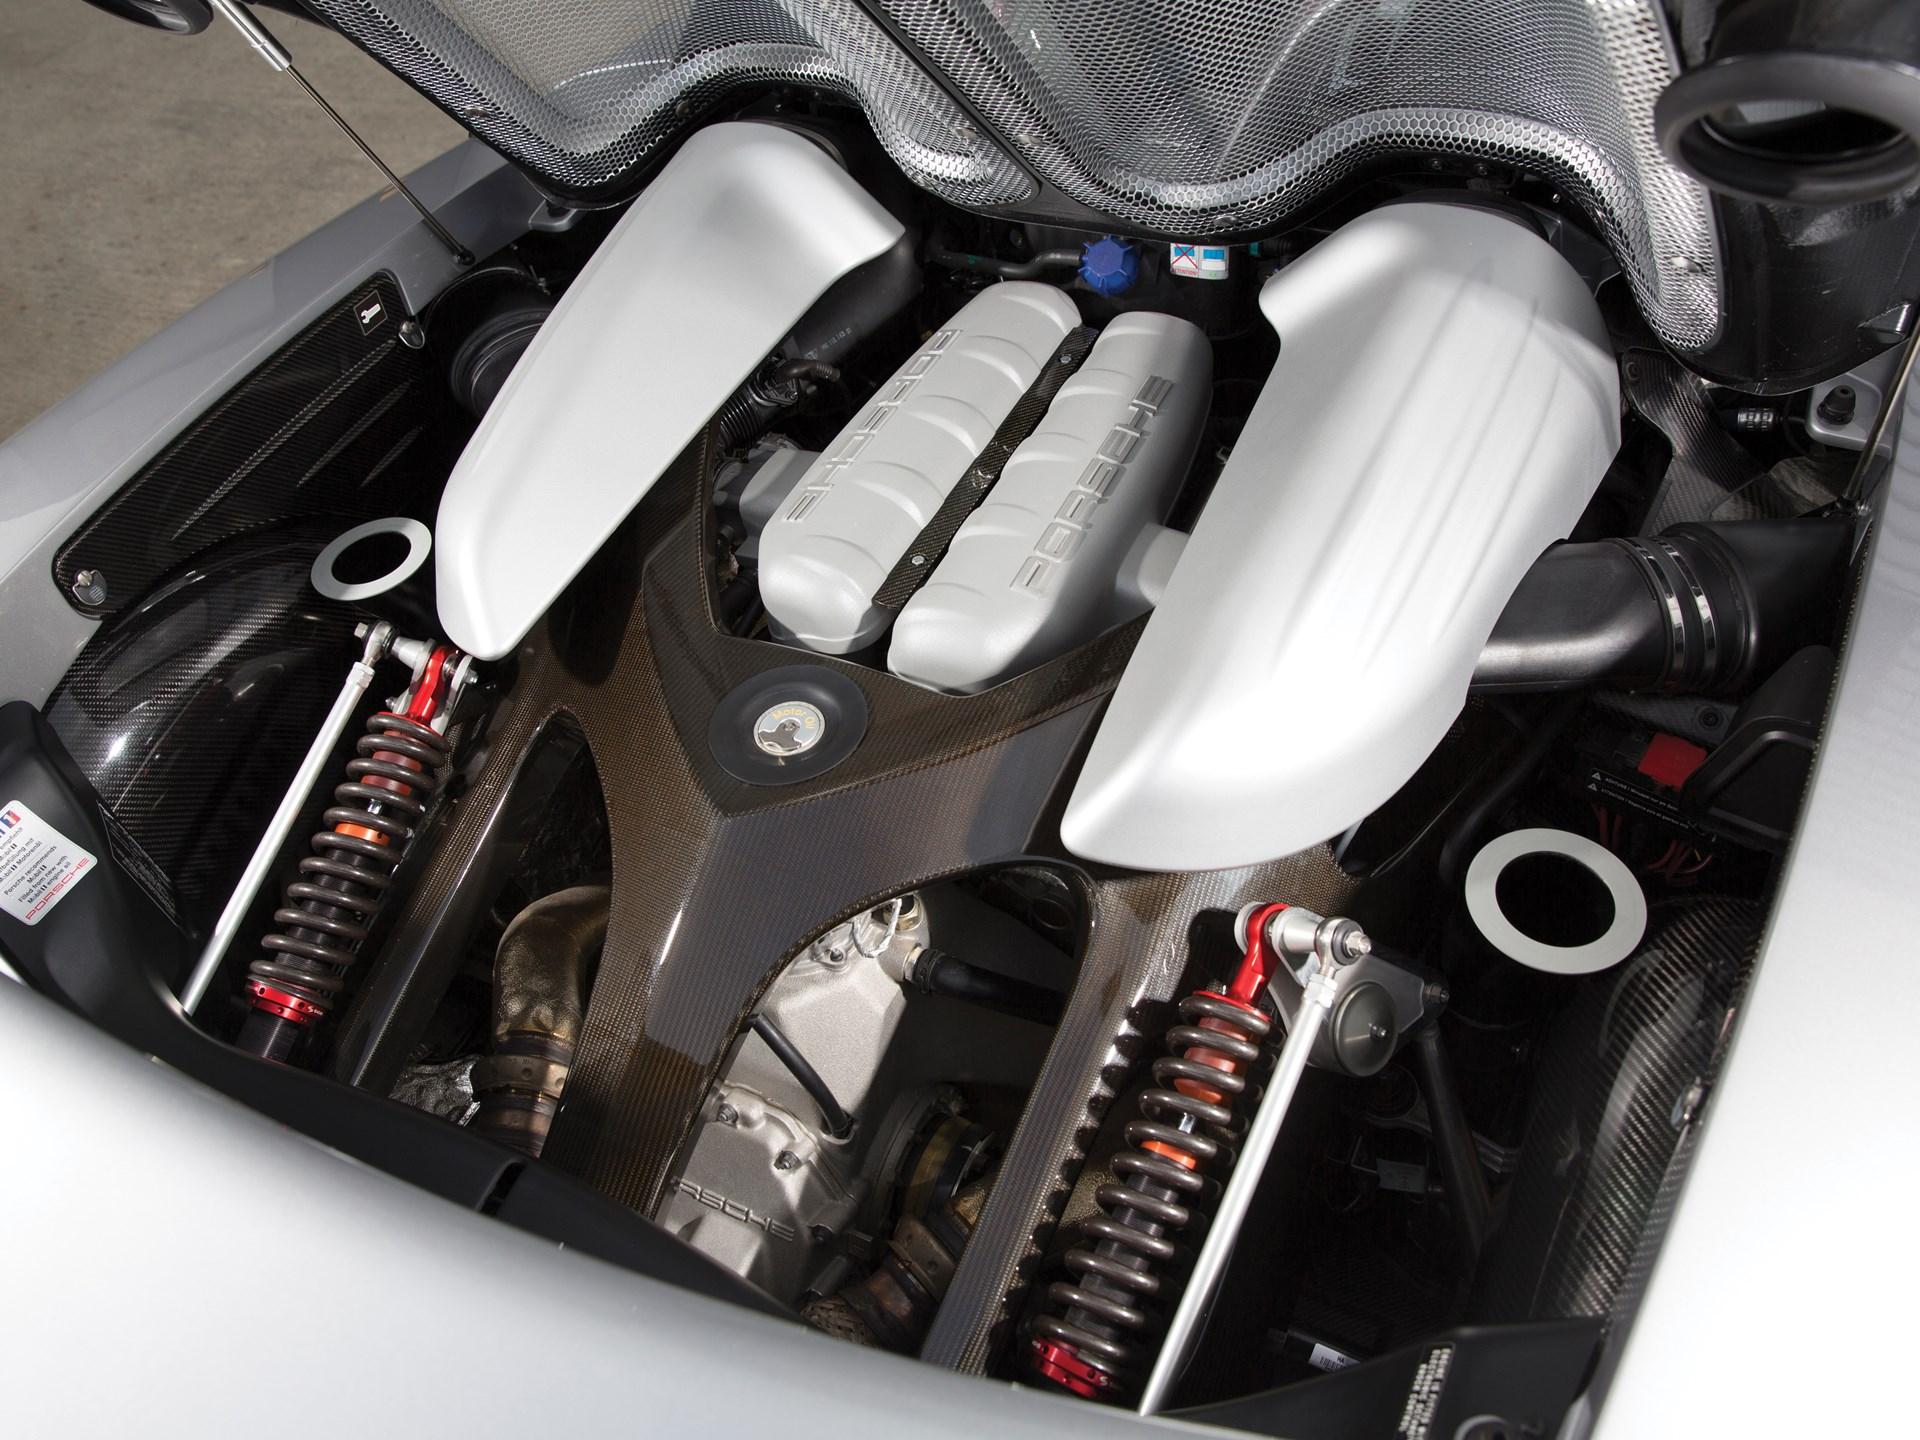 2005 Porsche Carrera GT v10 engine